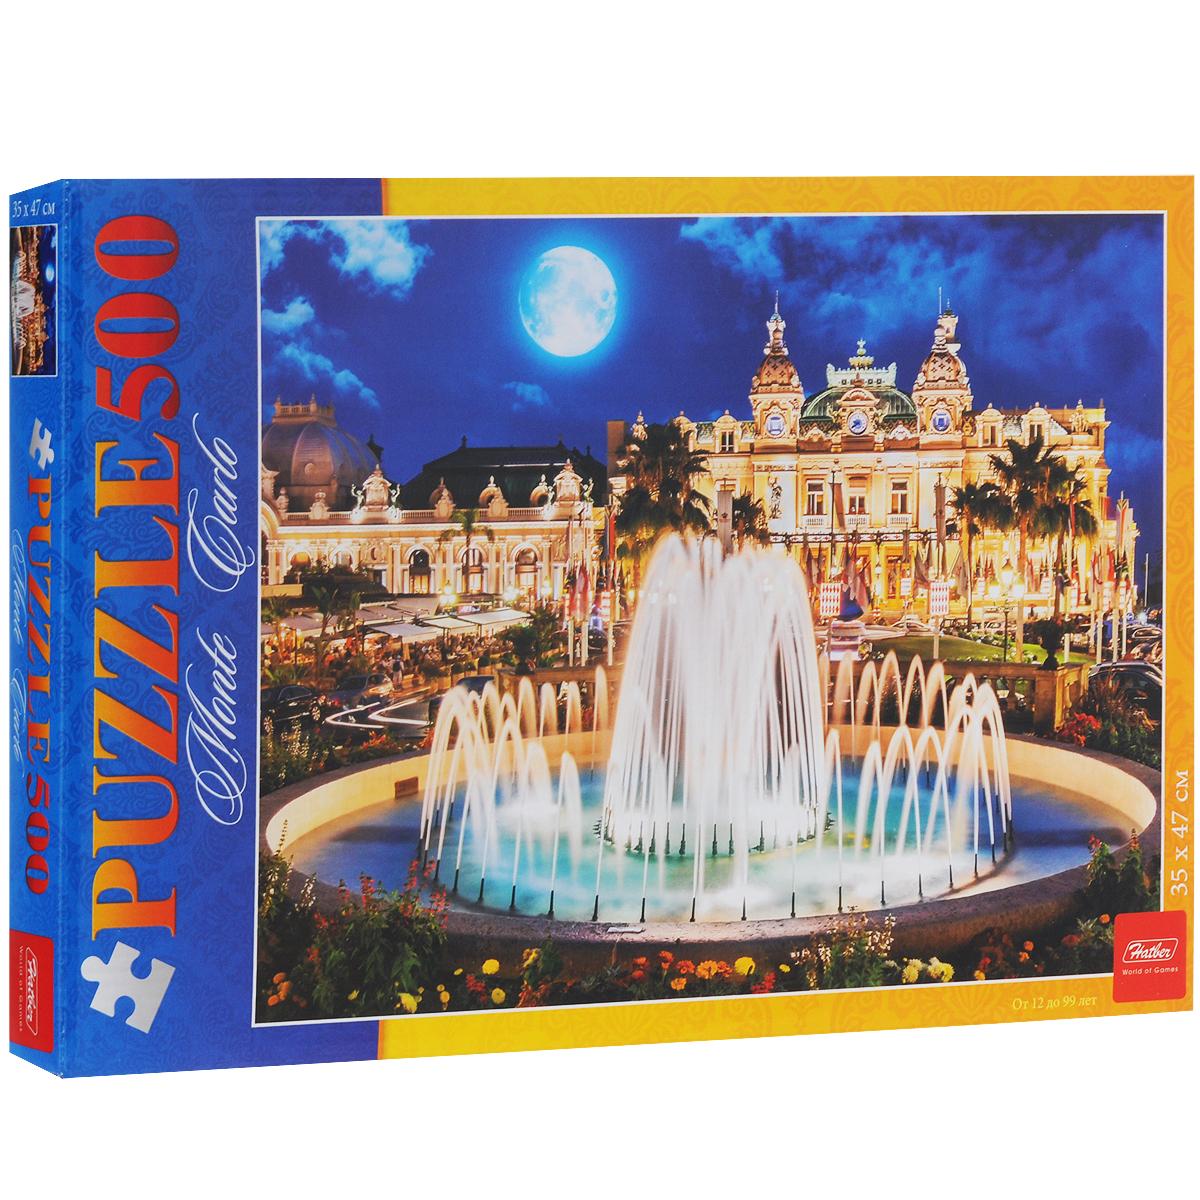 Вечер в Монте-Карло. Пазл, 500 элементов500ПЗ2_12414Пазл Вечер в Монте-Карло, без сомнения, придется по душе вашему ребенку. Собрав этот пазл, вы получите яркую цветную картинку с изображением роскошного фонтана на фоне дворца. Пазлы - замечательная игра для всей семьи. Собирание пазла развивает у детей мелкую моторику рук, тренирует наблюдательность, логическое мышление, знакомит с окружающим миром, с цветом и разнообразными формами, учит усидчивости и терпению, аккуратности и вниманию. Получившееся яркое изображение станет отличным украшением вашего интерьера.